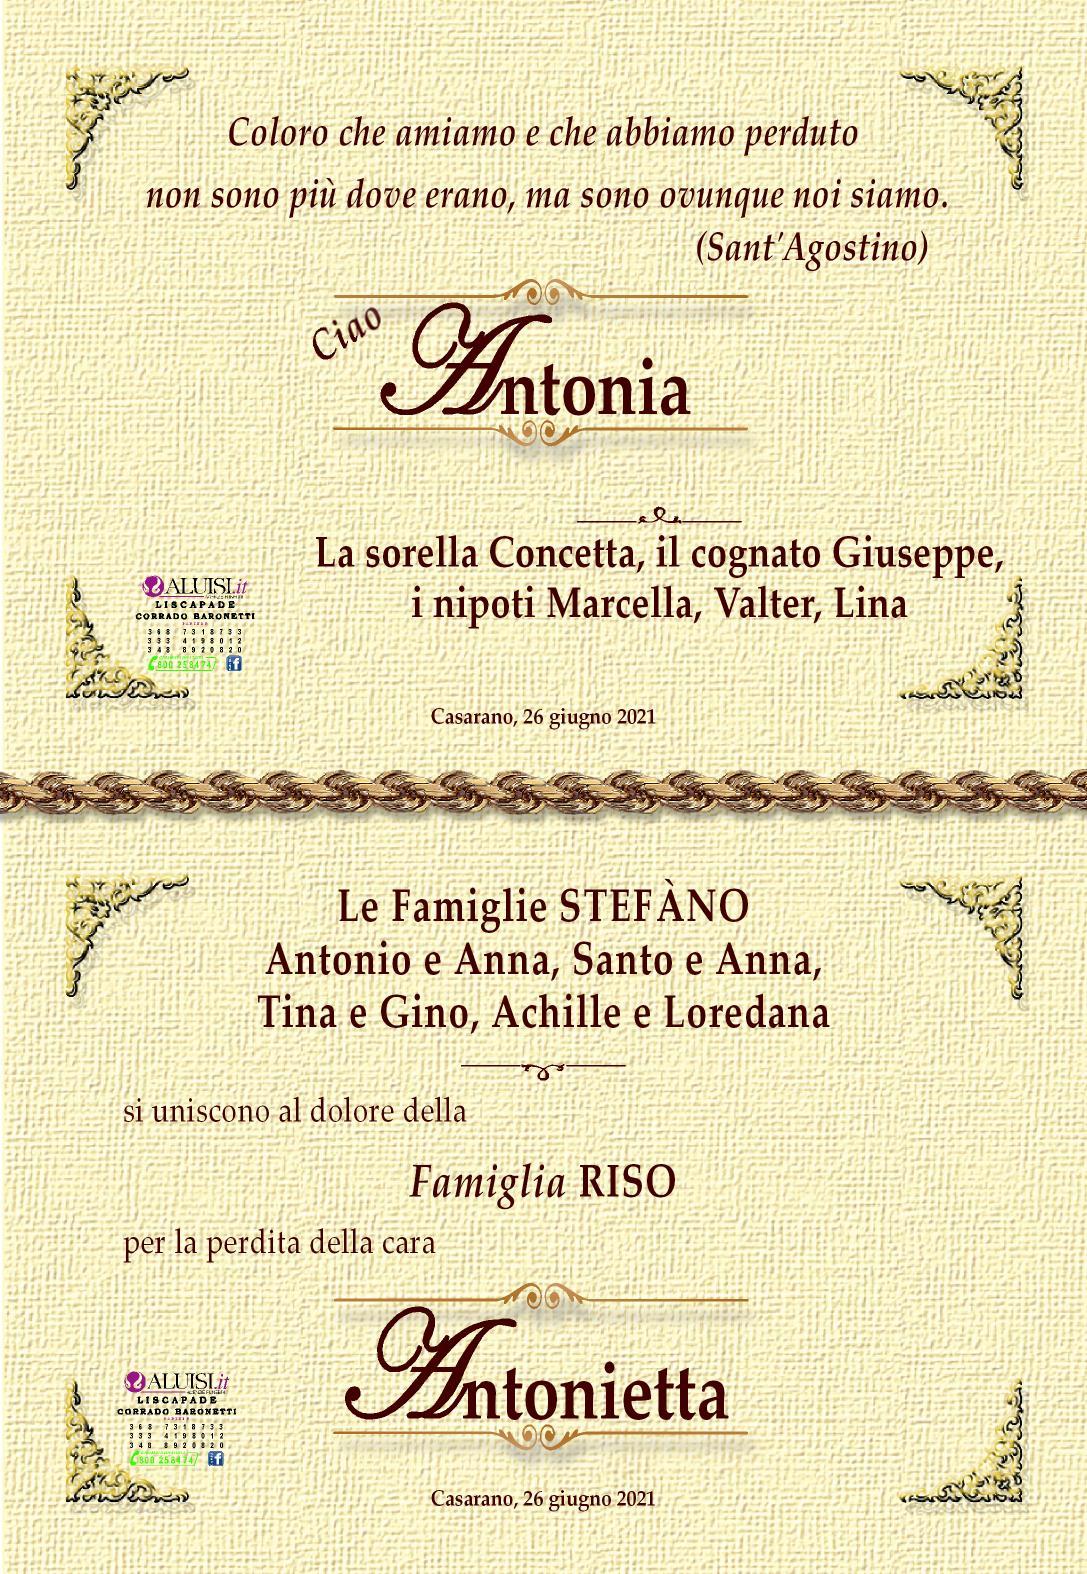 PARTECIPAZIONI-ANTONIA-FOSCOLINI-CASARANO-2.jpg